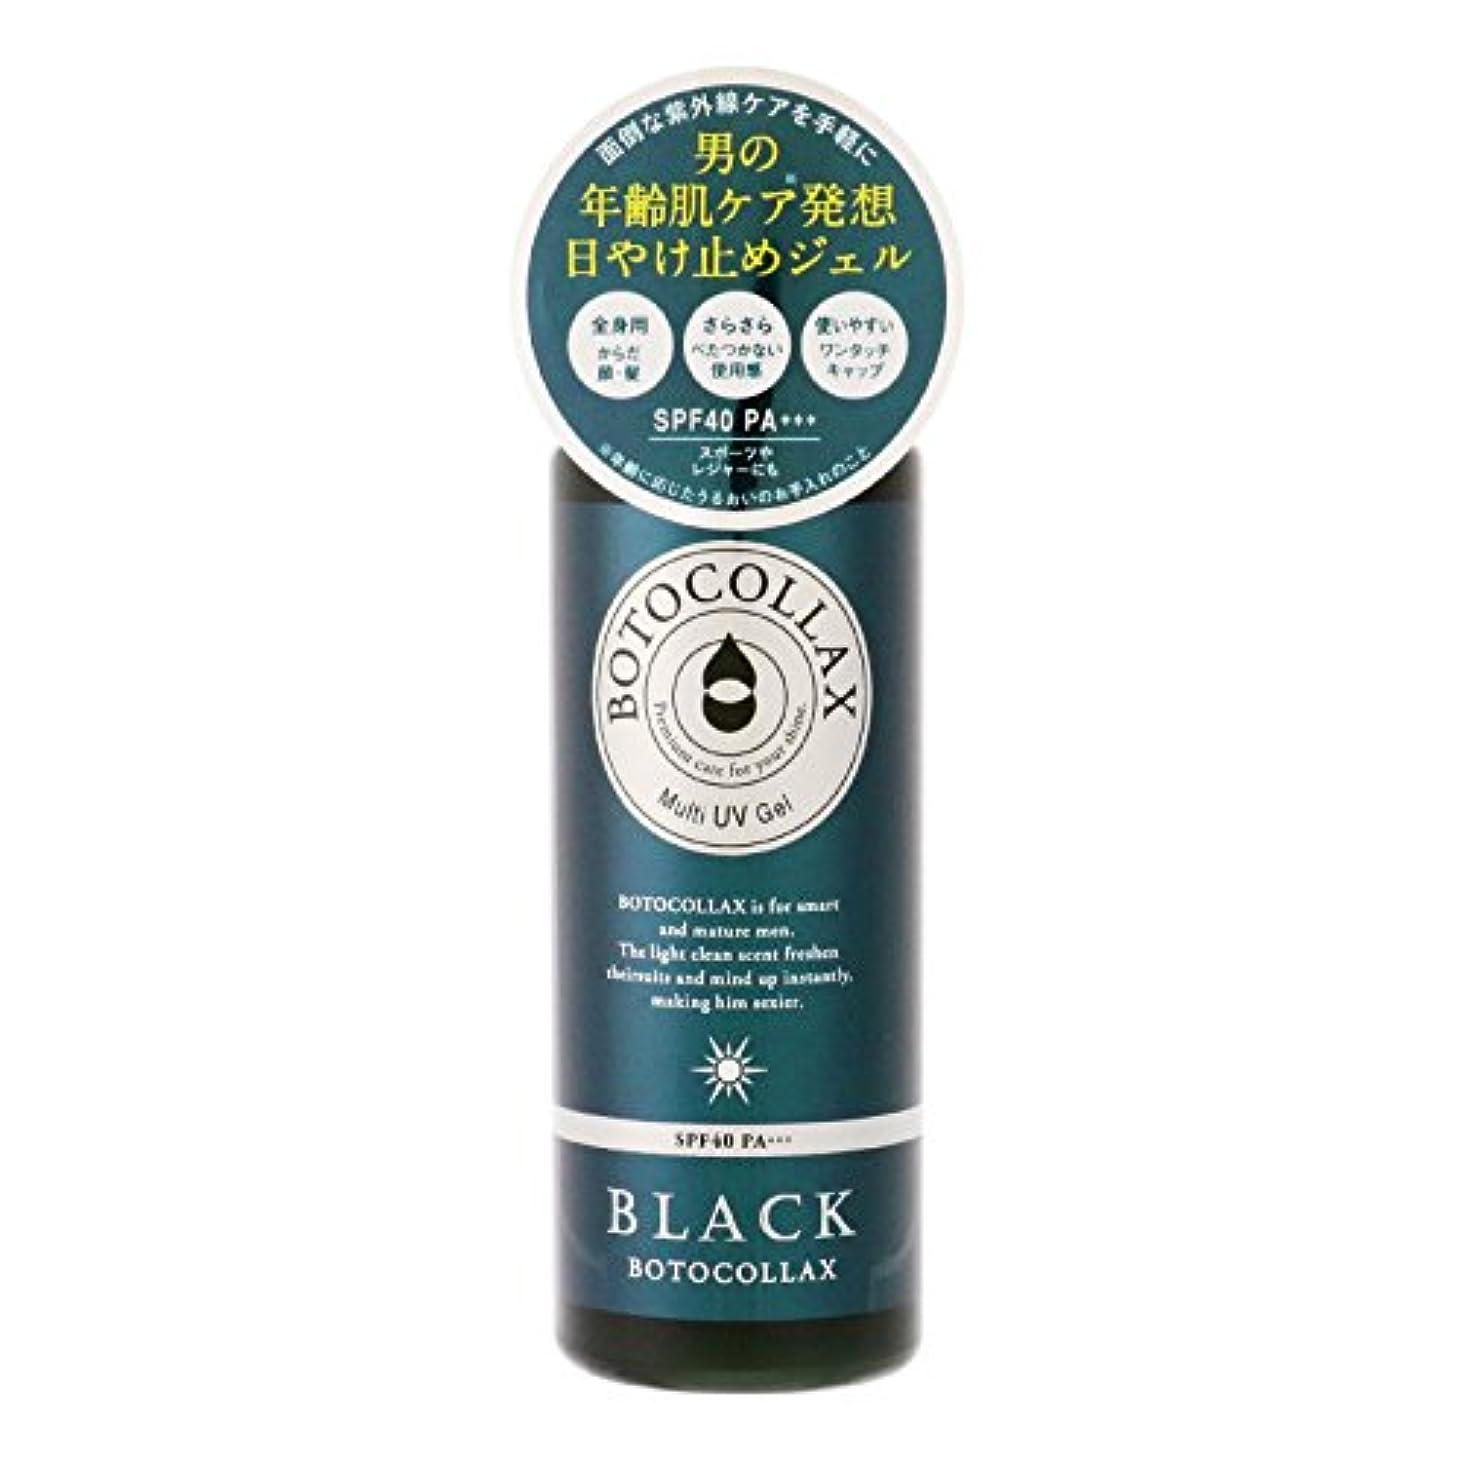 ヨーグルト規制する焼くボトコラックスブラック オーシャン マルチUVジェル ベルガモットグリーンの香り 70g